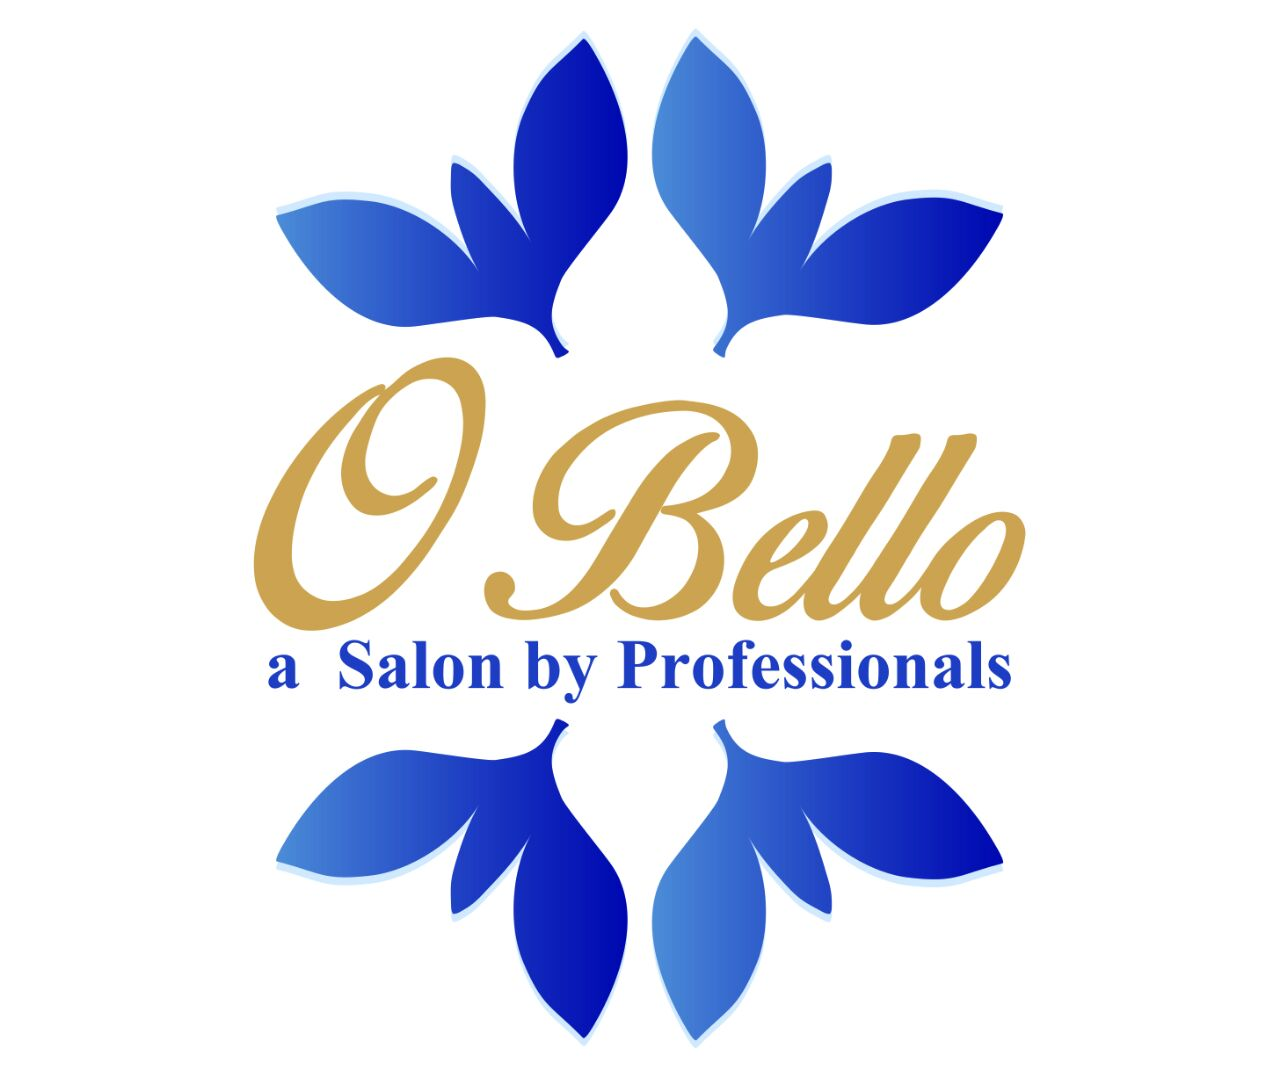 Obello Salon for Ladies